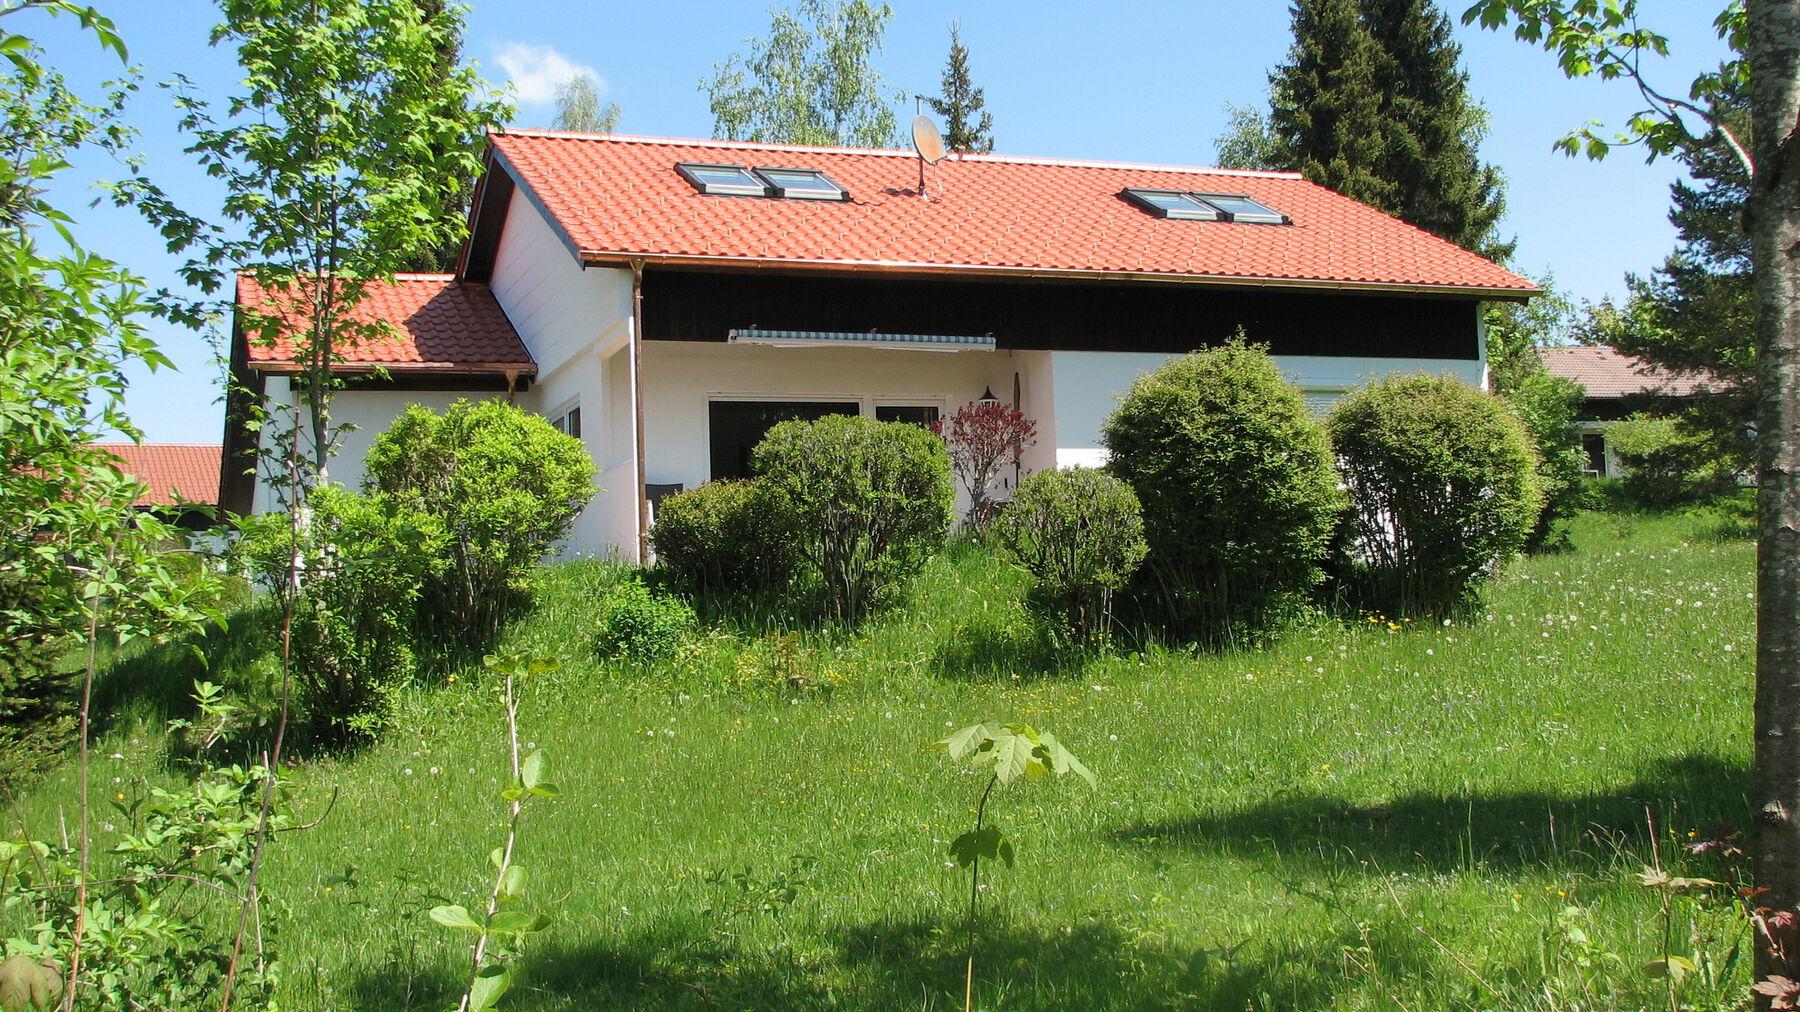 Fuchsweg 4